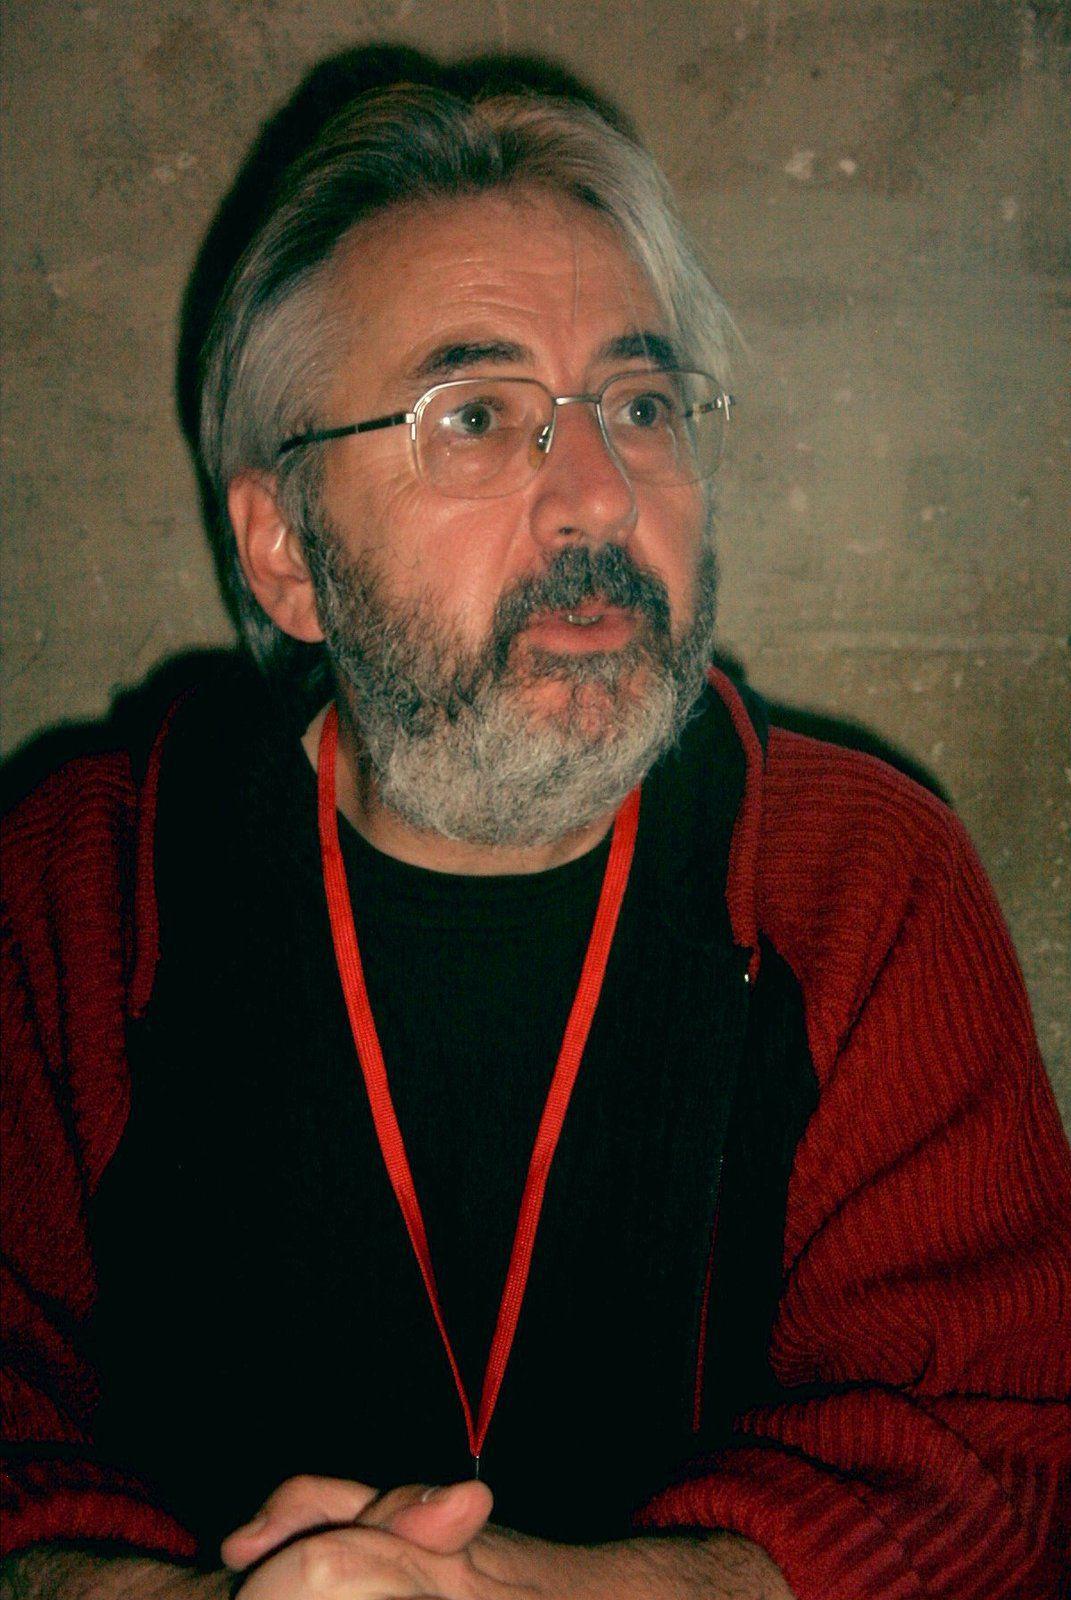 Gérard Streiff est prévu pour nous parler de son abécédaire amoureux du communisme le 24 novembre à Morlaix pour la rentrée des Mardis de l'éducation populaire et le 25 novembre au Relecq-Kerhuon